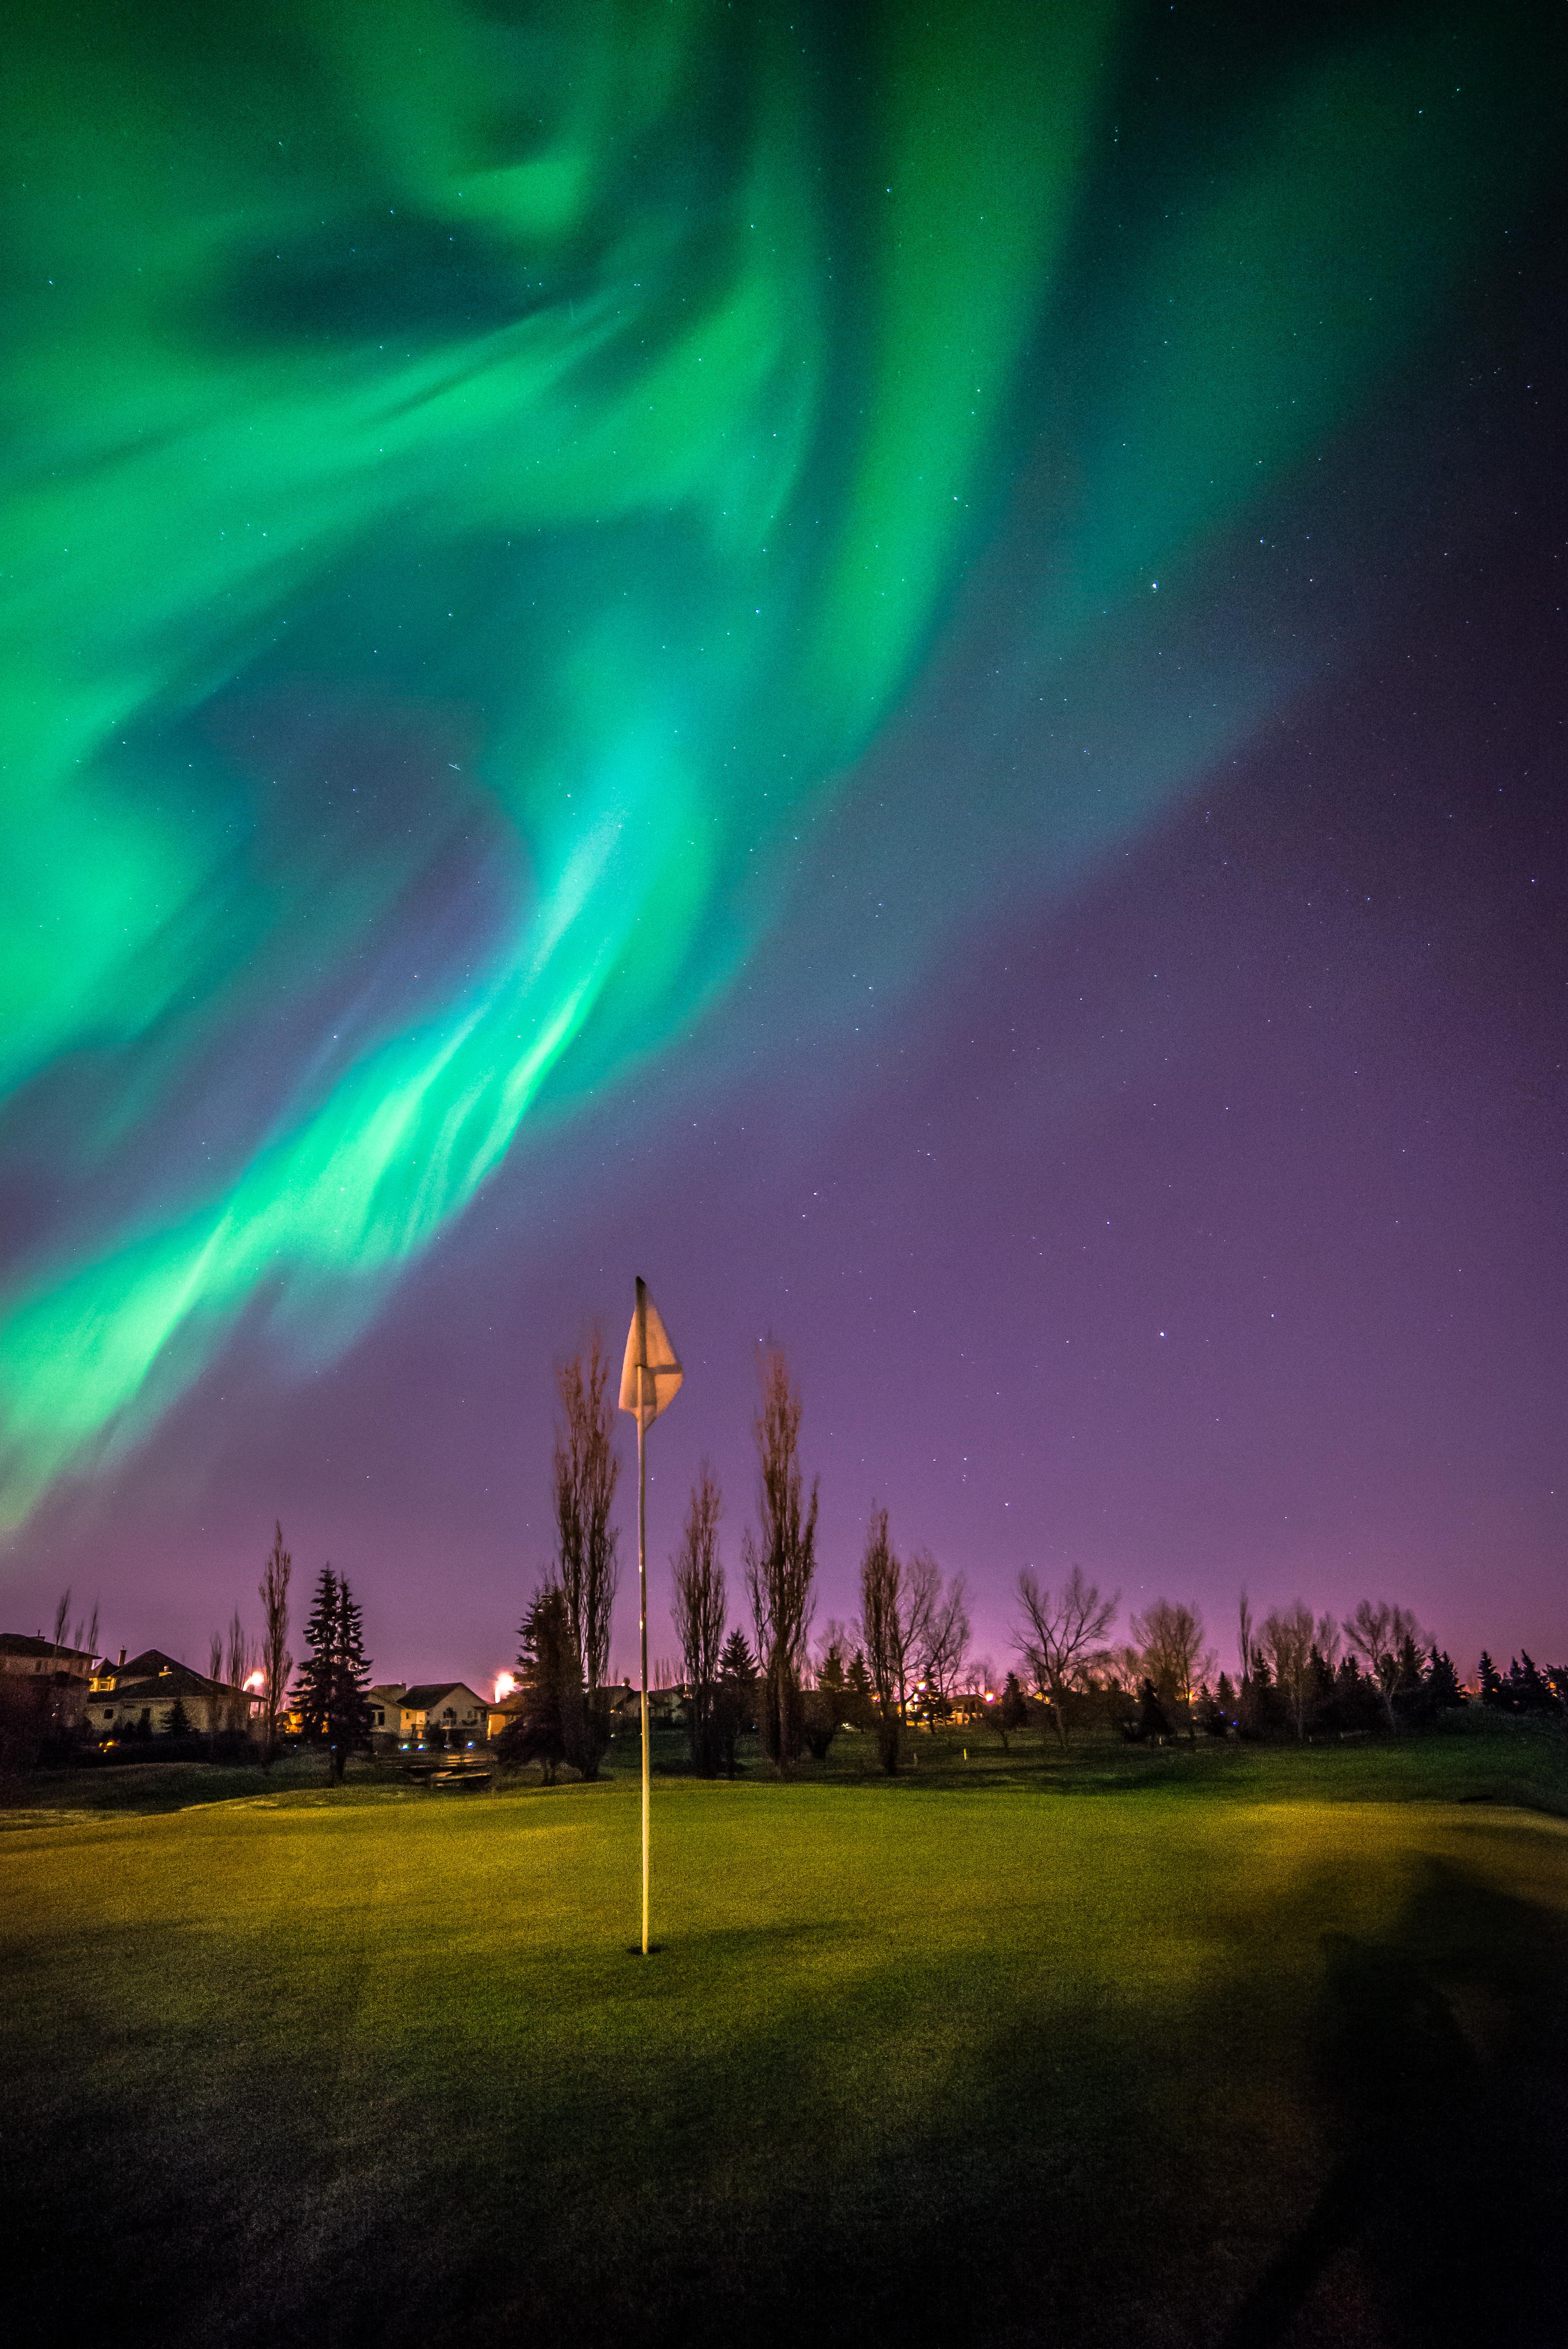 Es medianoche: coge tus palos y ¡a jugar al golf! - Islandia Circuito Islandia Fantástica